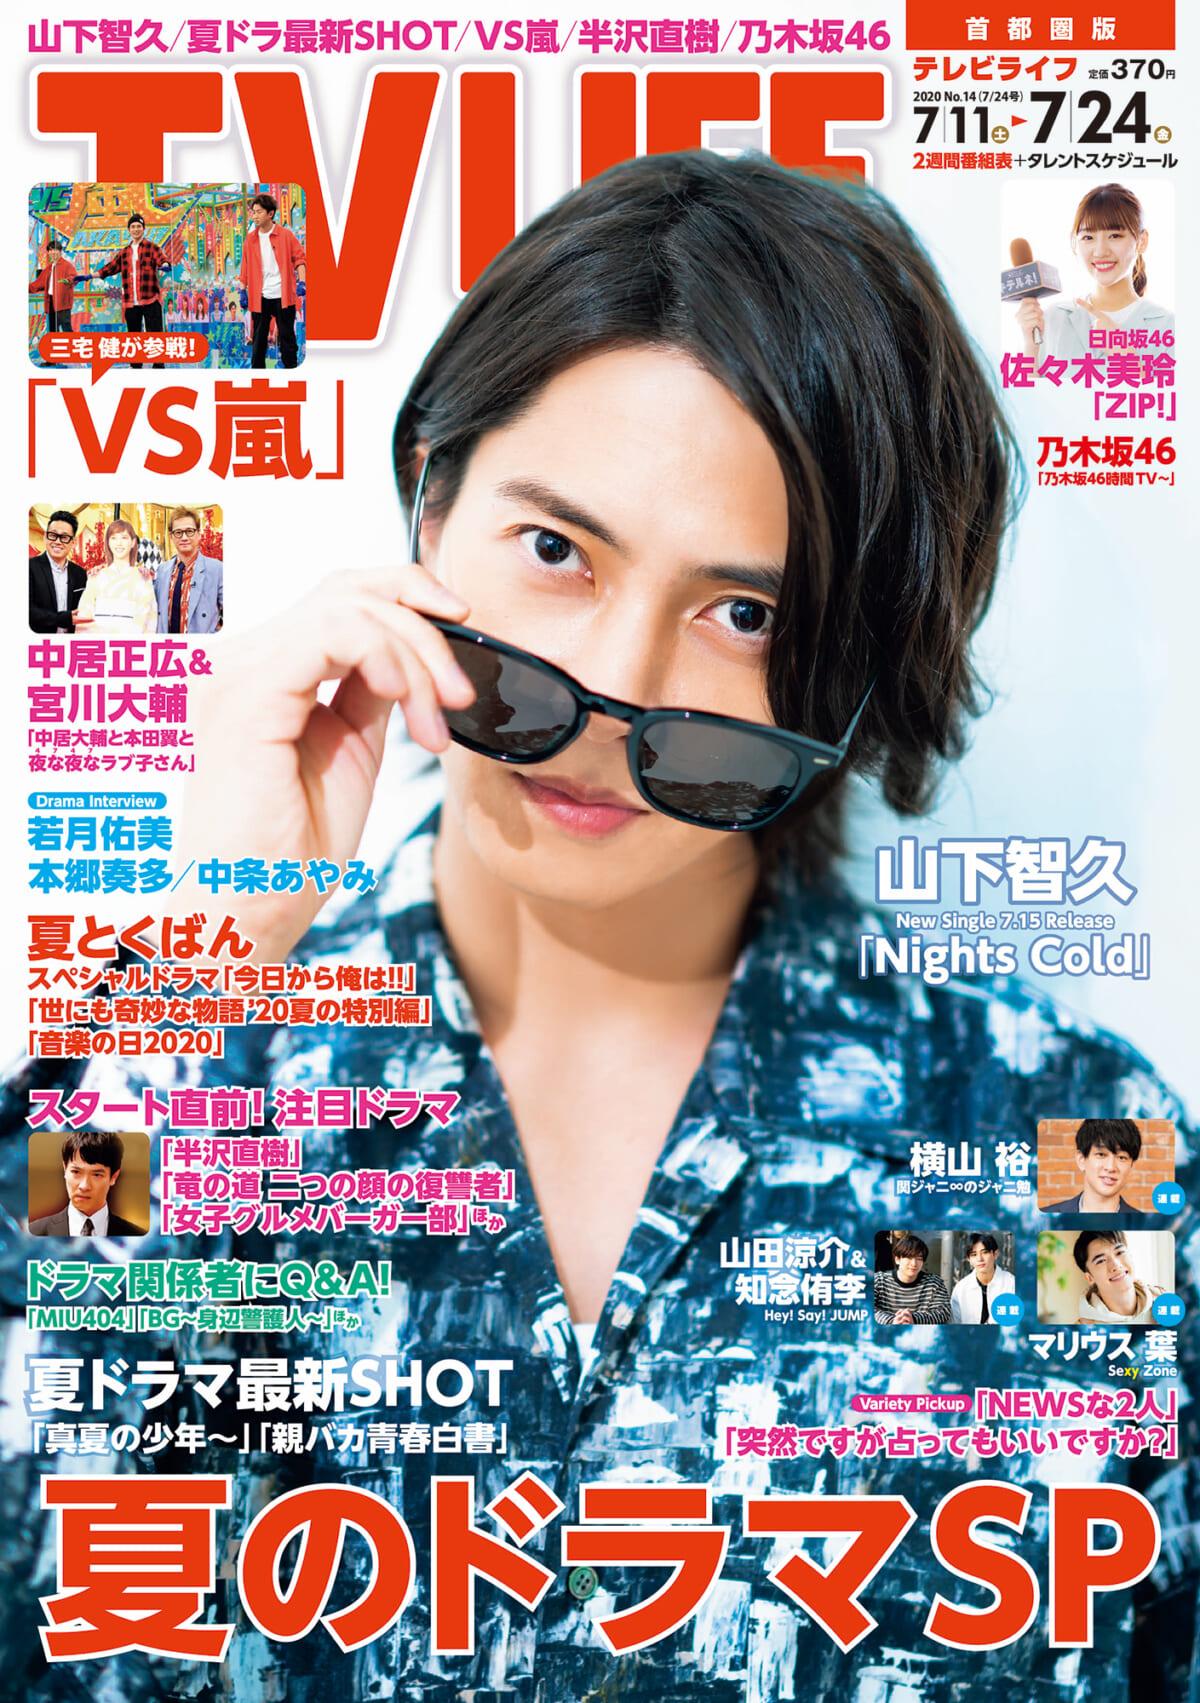 表紙は山下智久!夏のドラマSP!テレビライフ14号7月8日(水)発売